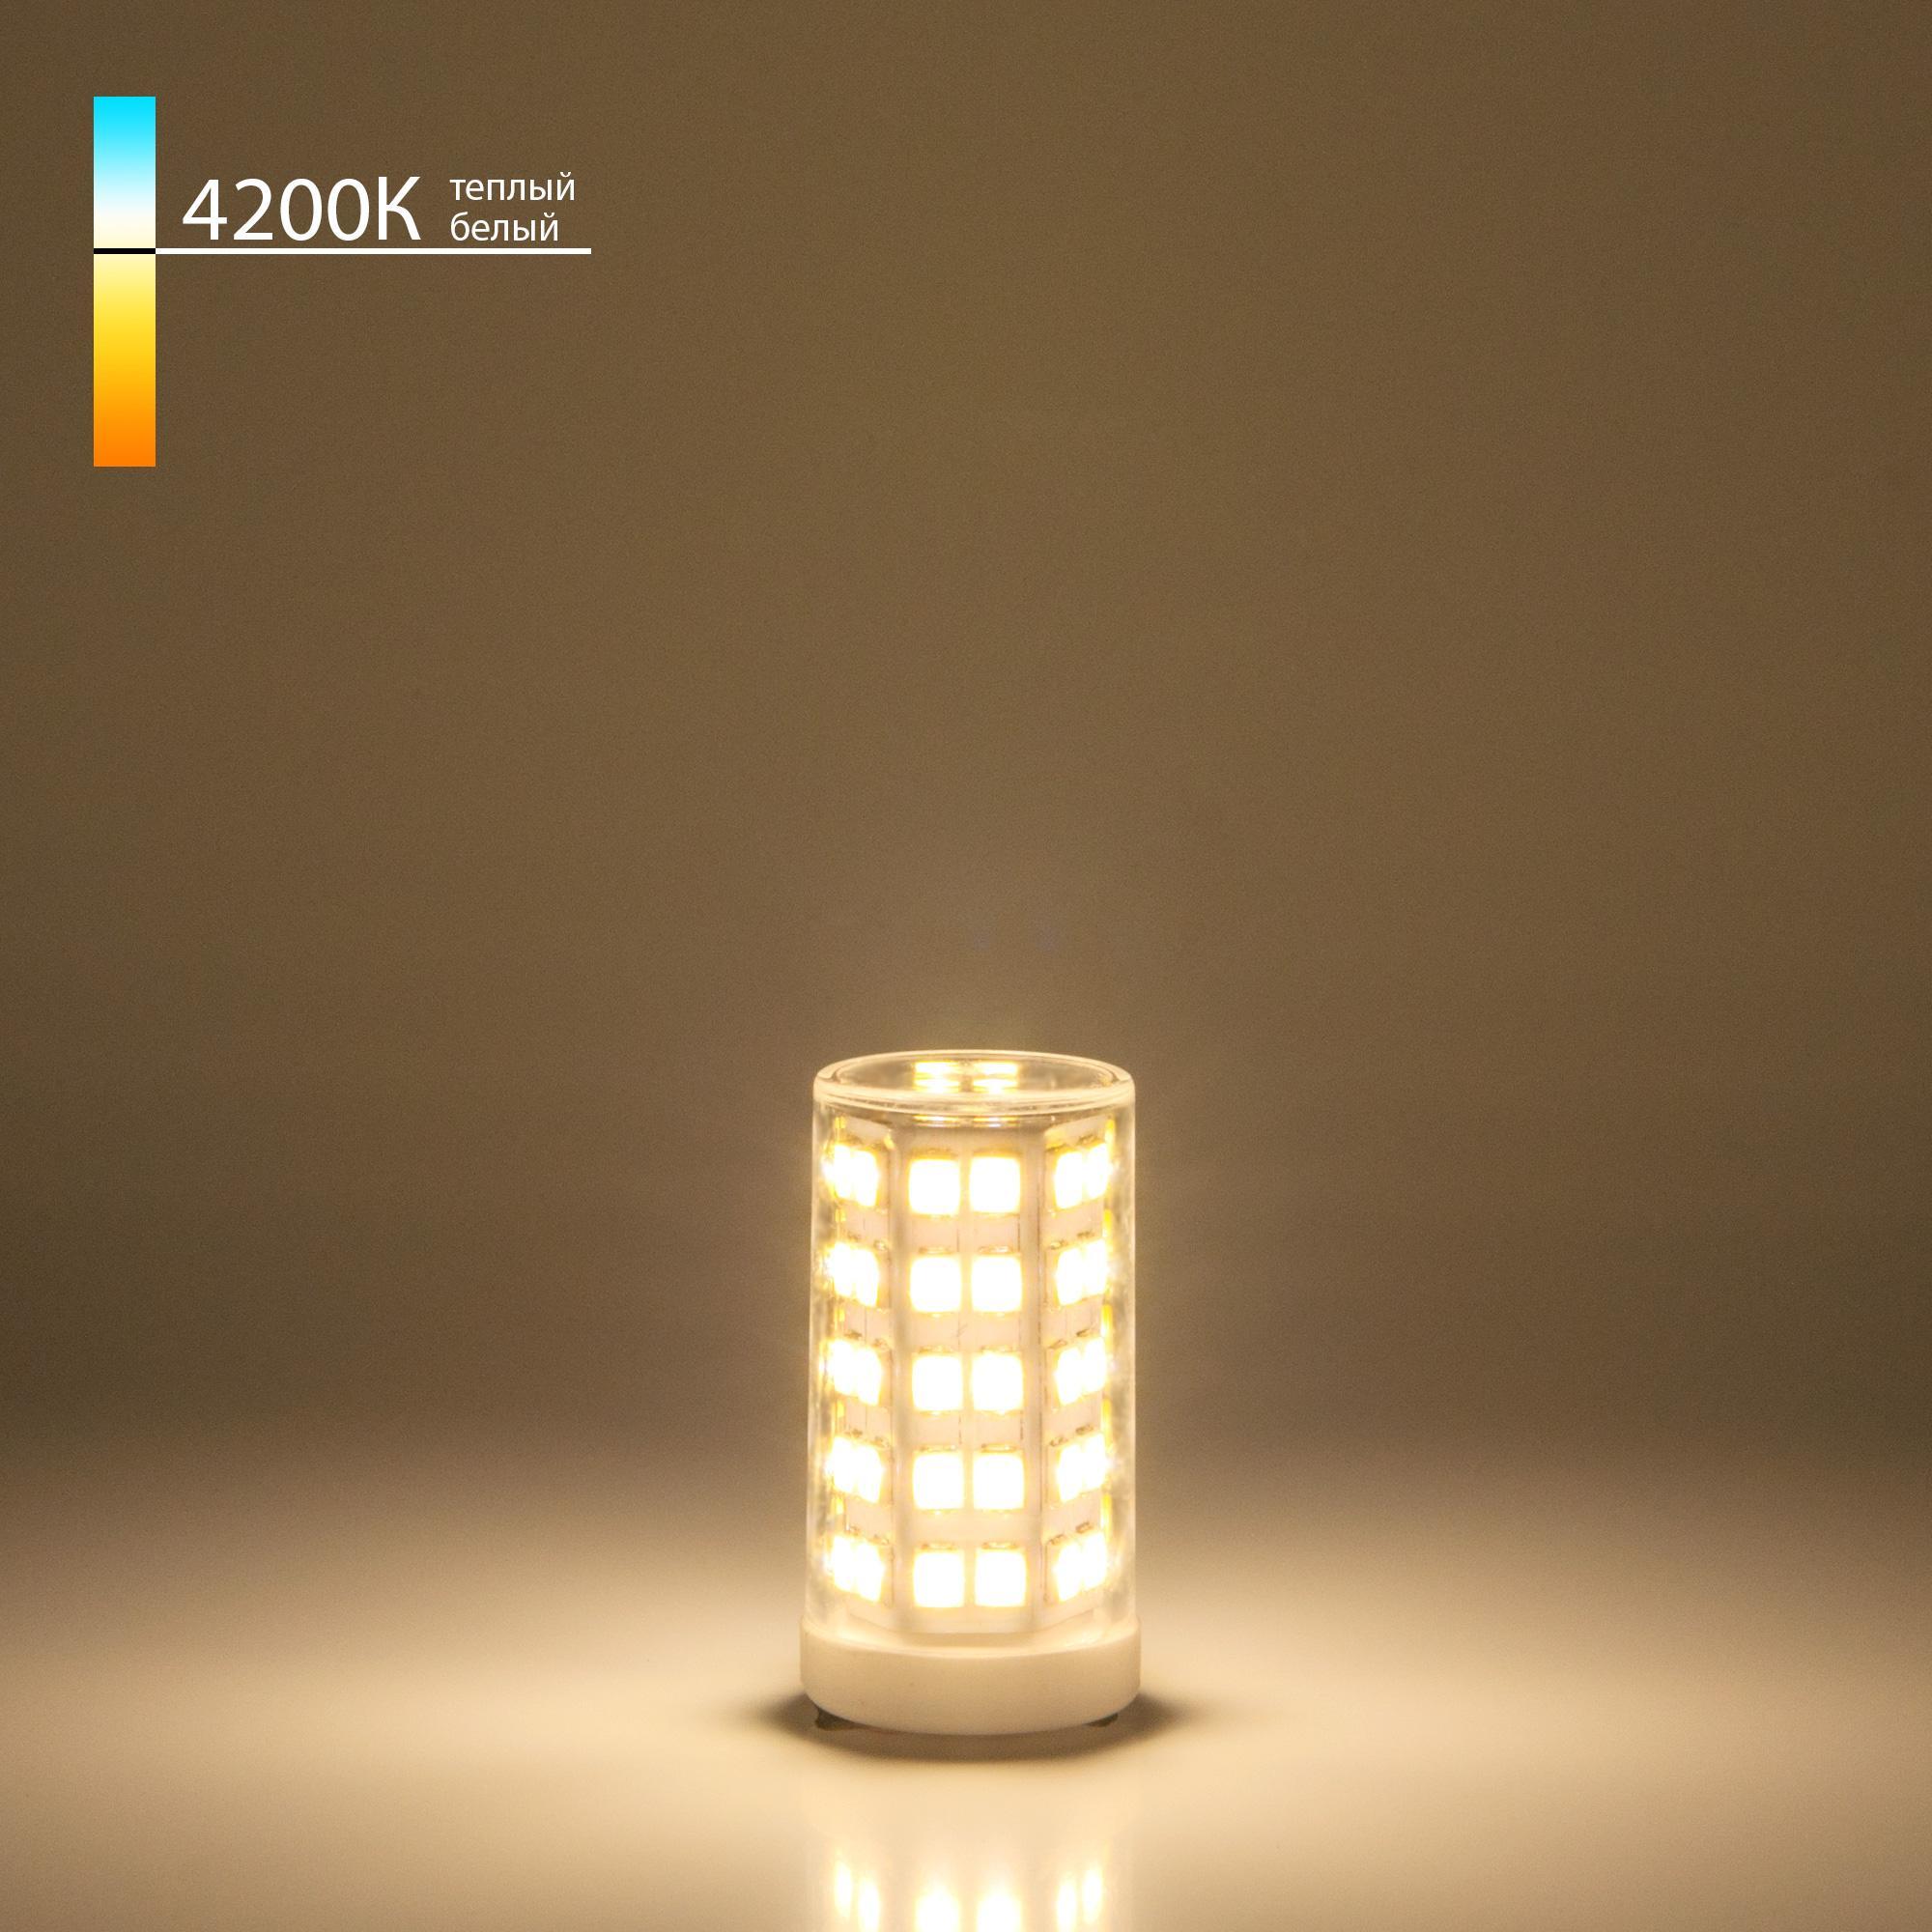 G9 LED BL110 9W 220V 4200K